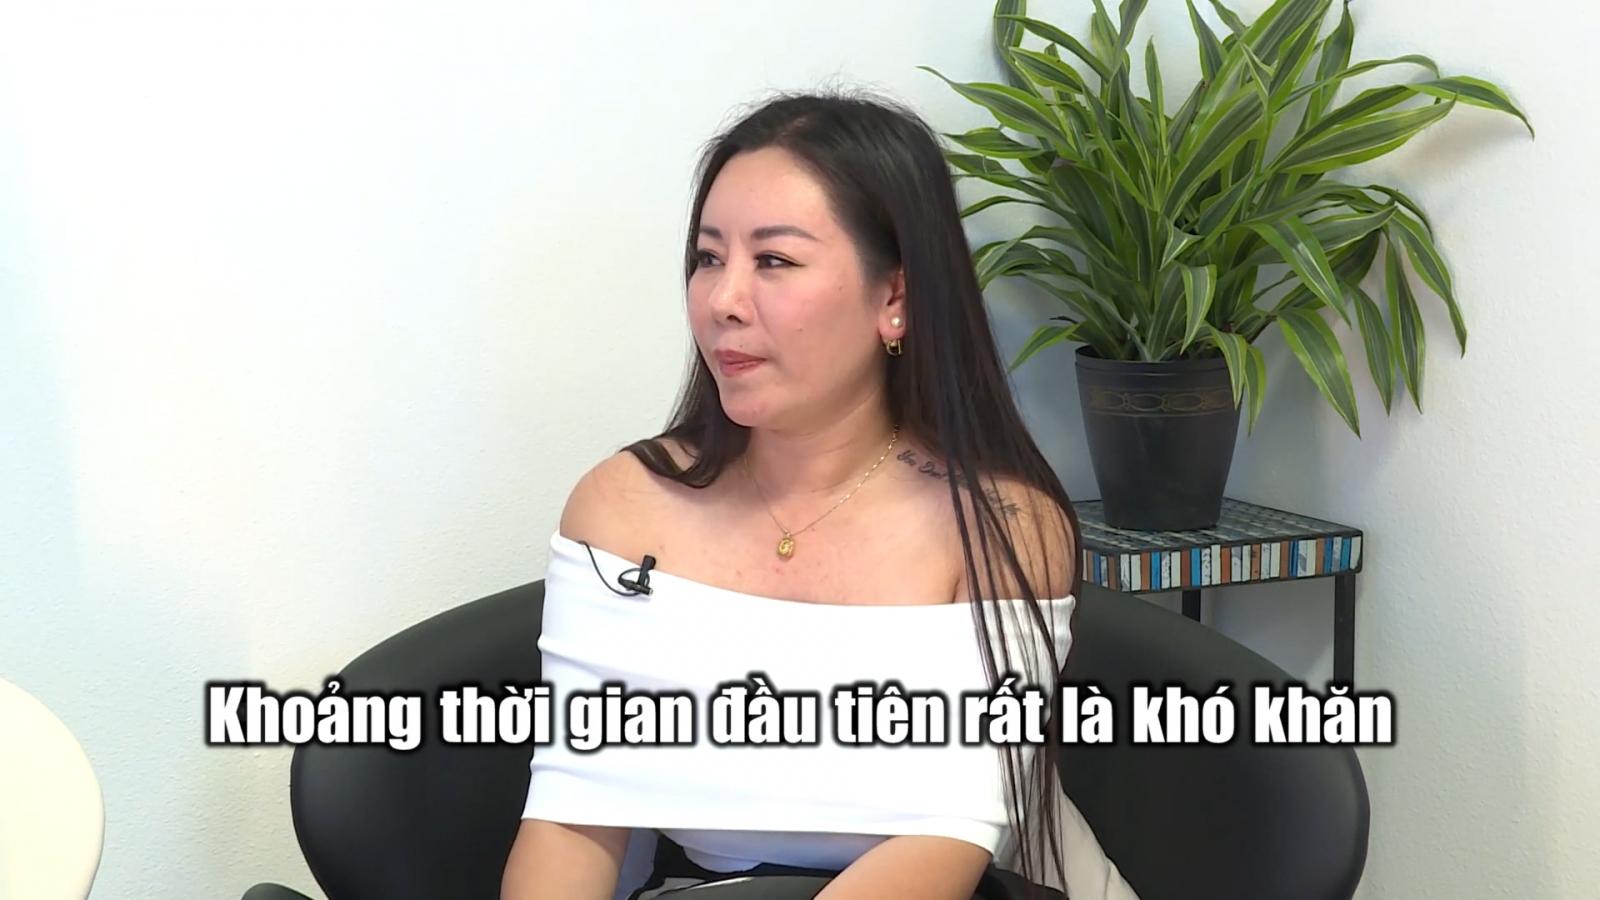 Ca sĩ Ngọc Ánh Kim trầm cảm nơi xứ người khi bỏ gia đình và sự nghiệp để qua Mỹ